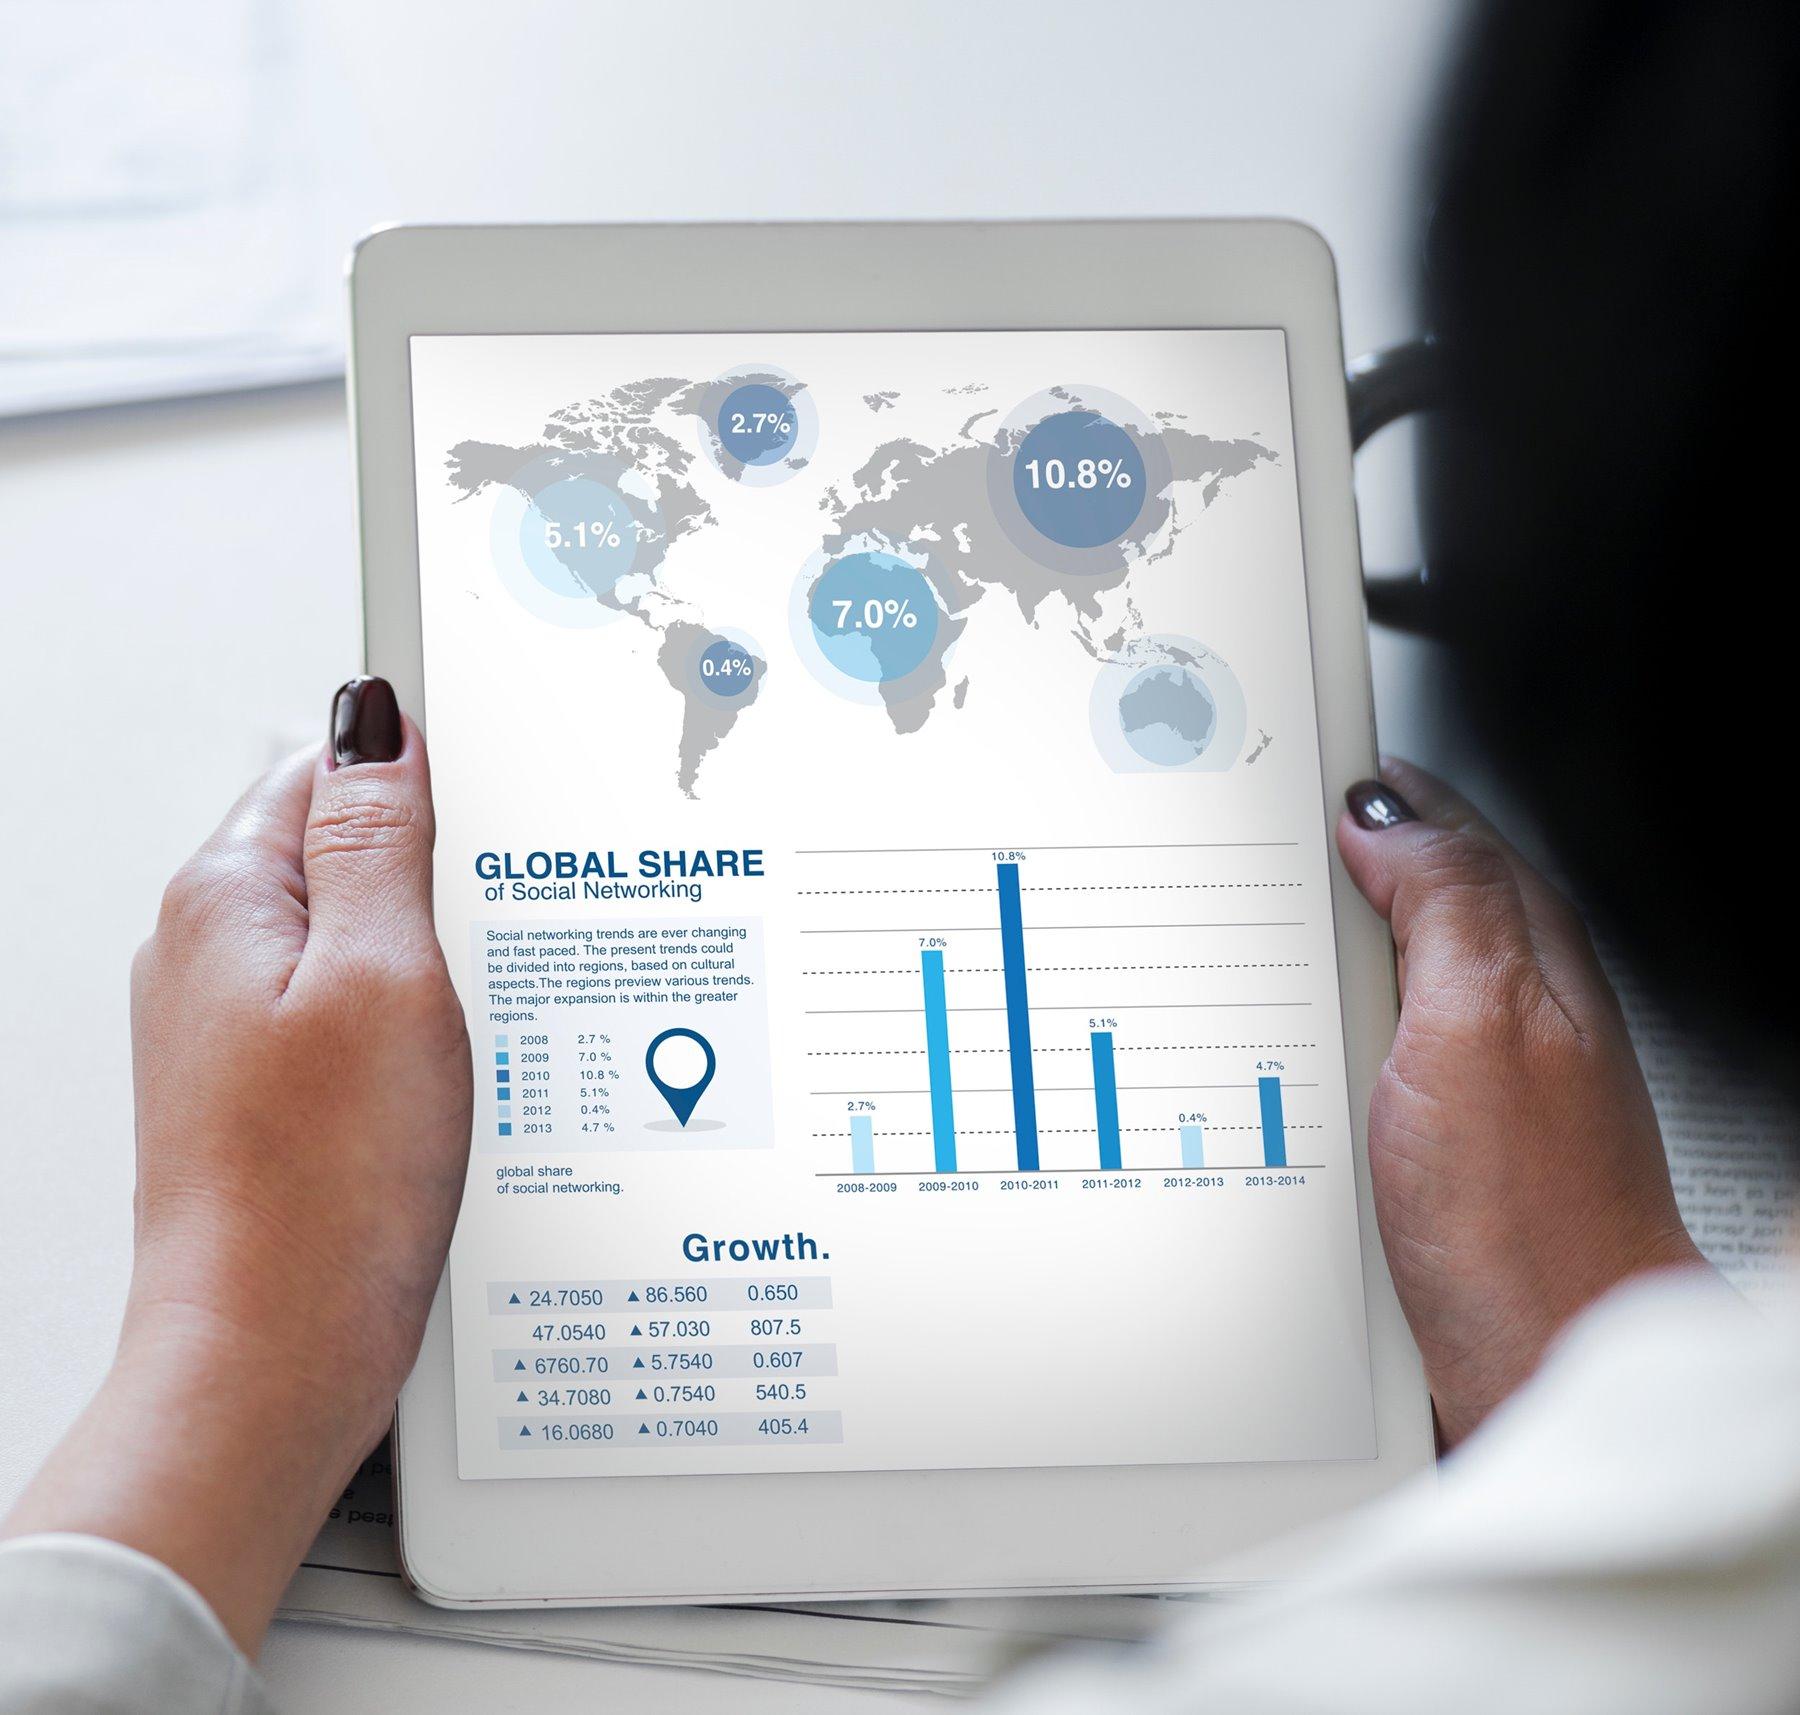 AR Research ให้บริการวิจัยด้านการตลาดอย่างครอบคลุม